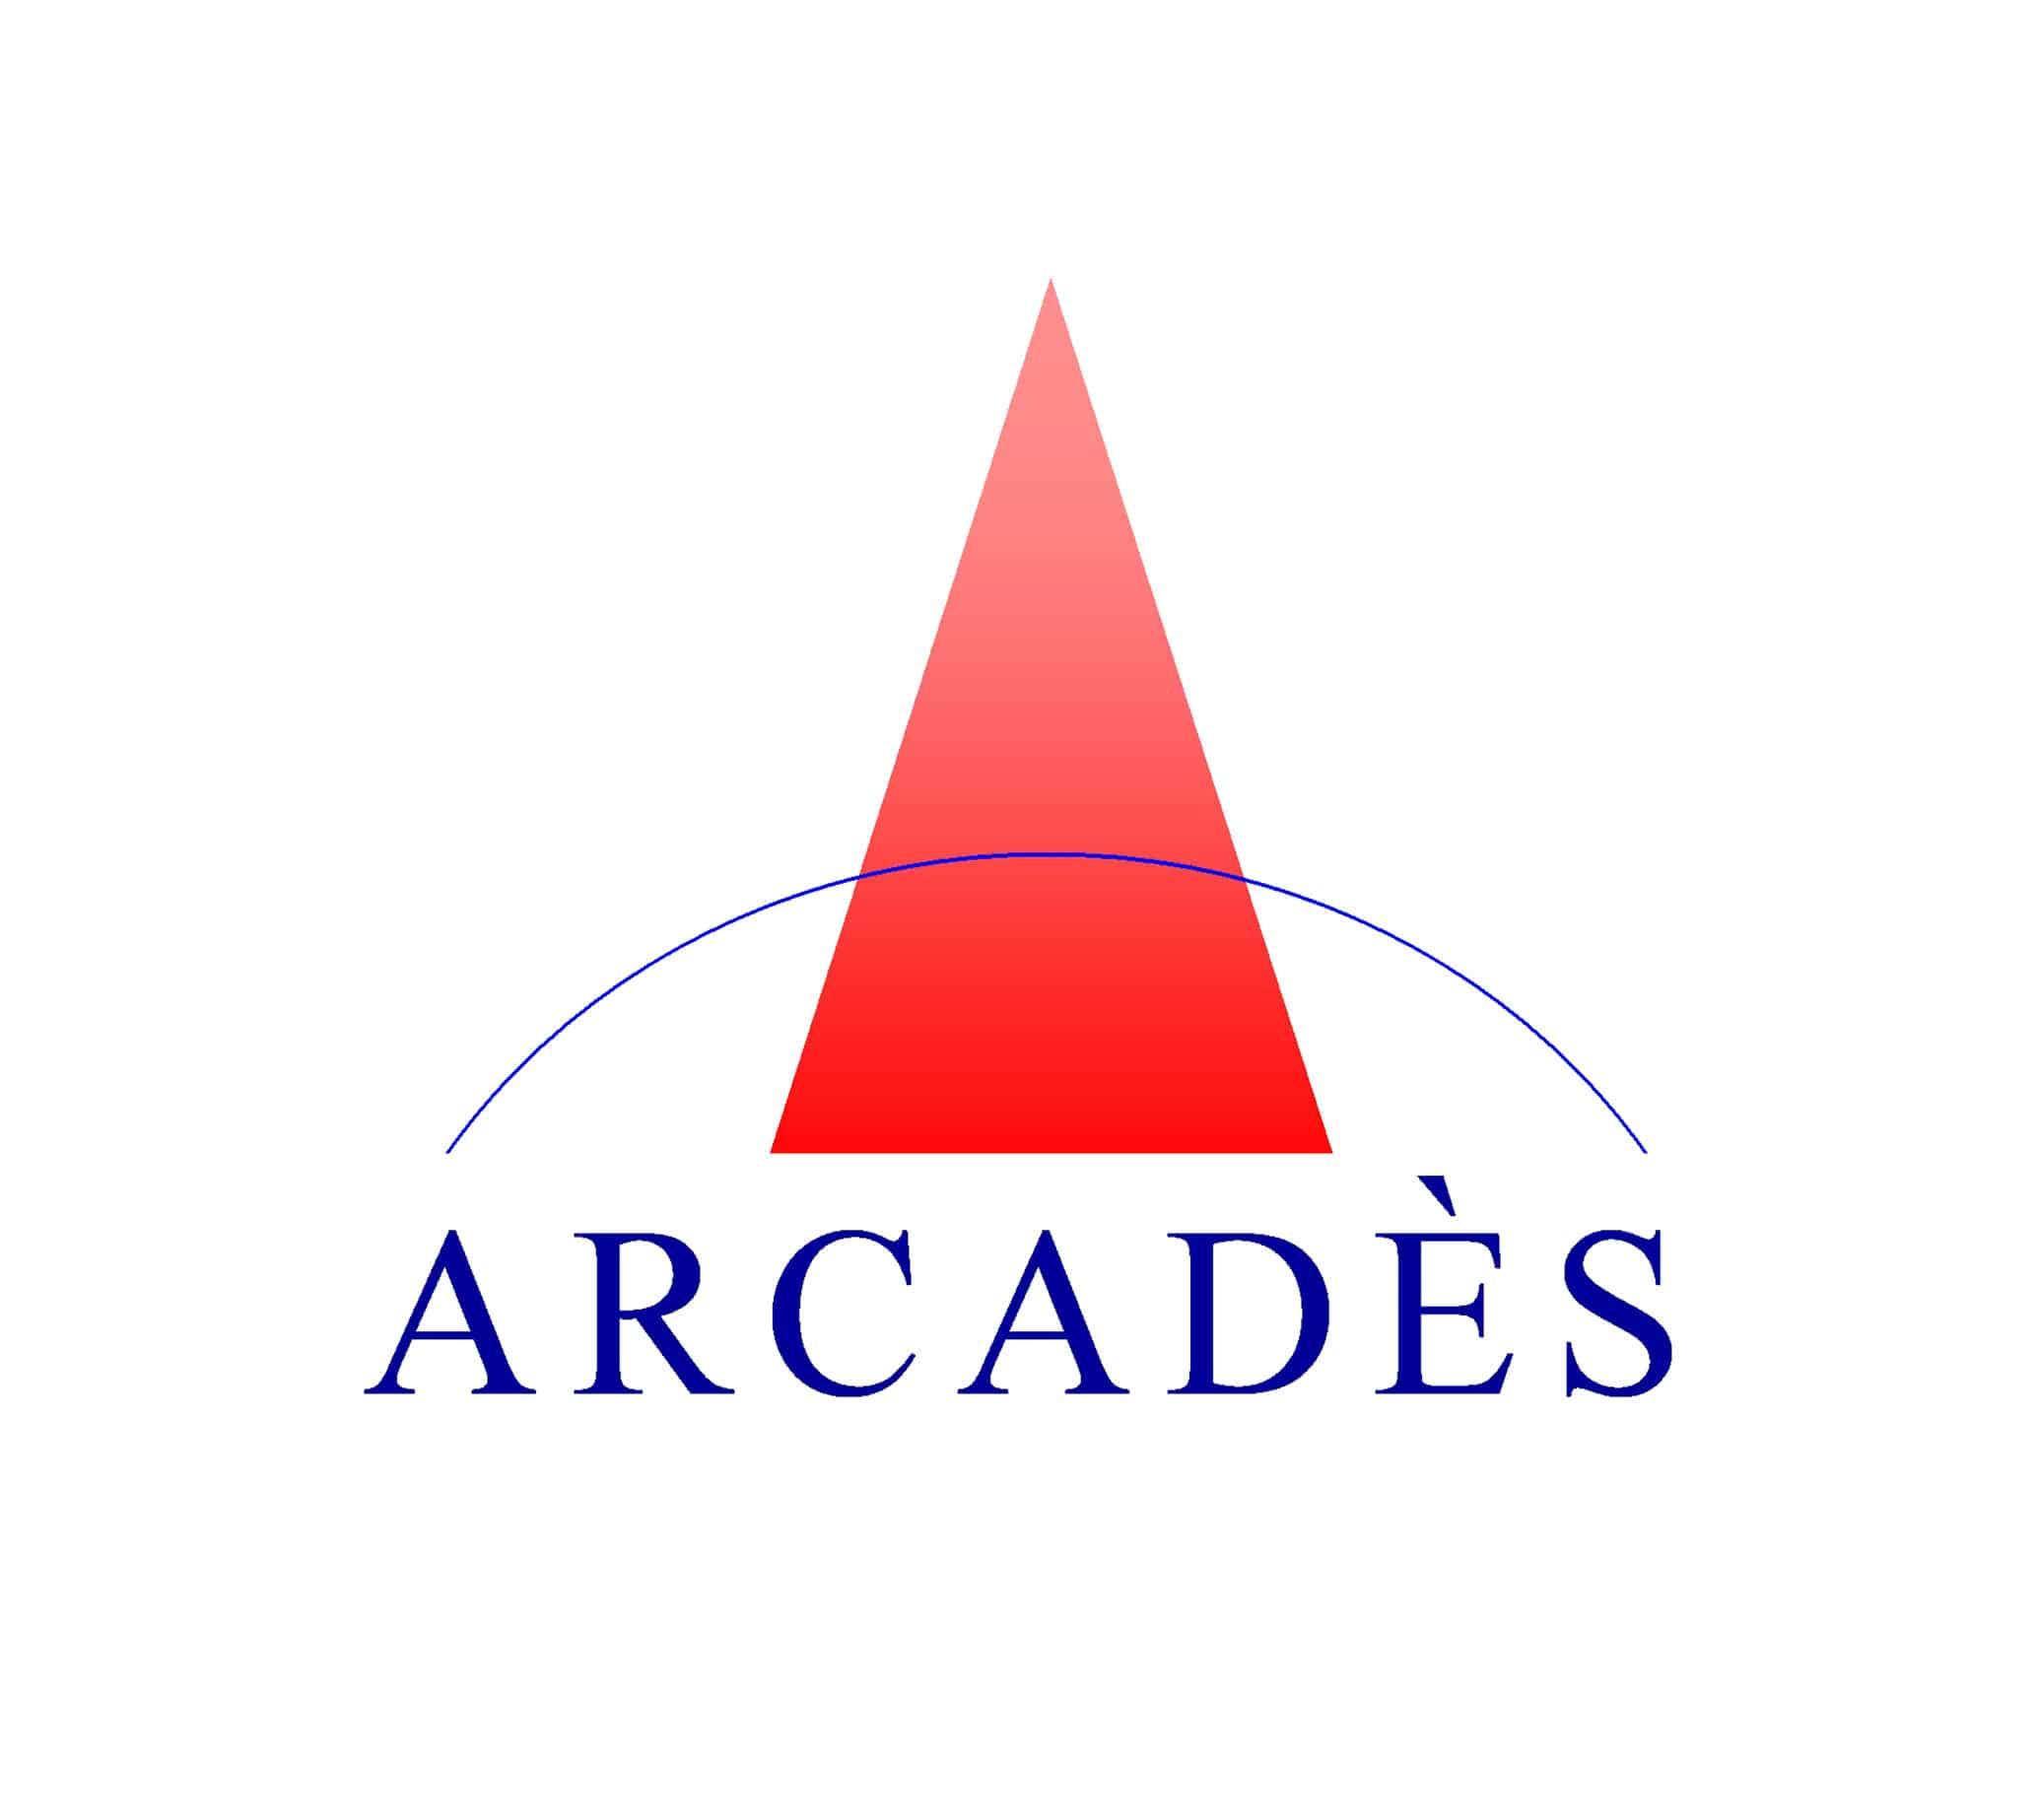 arcades formation logo